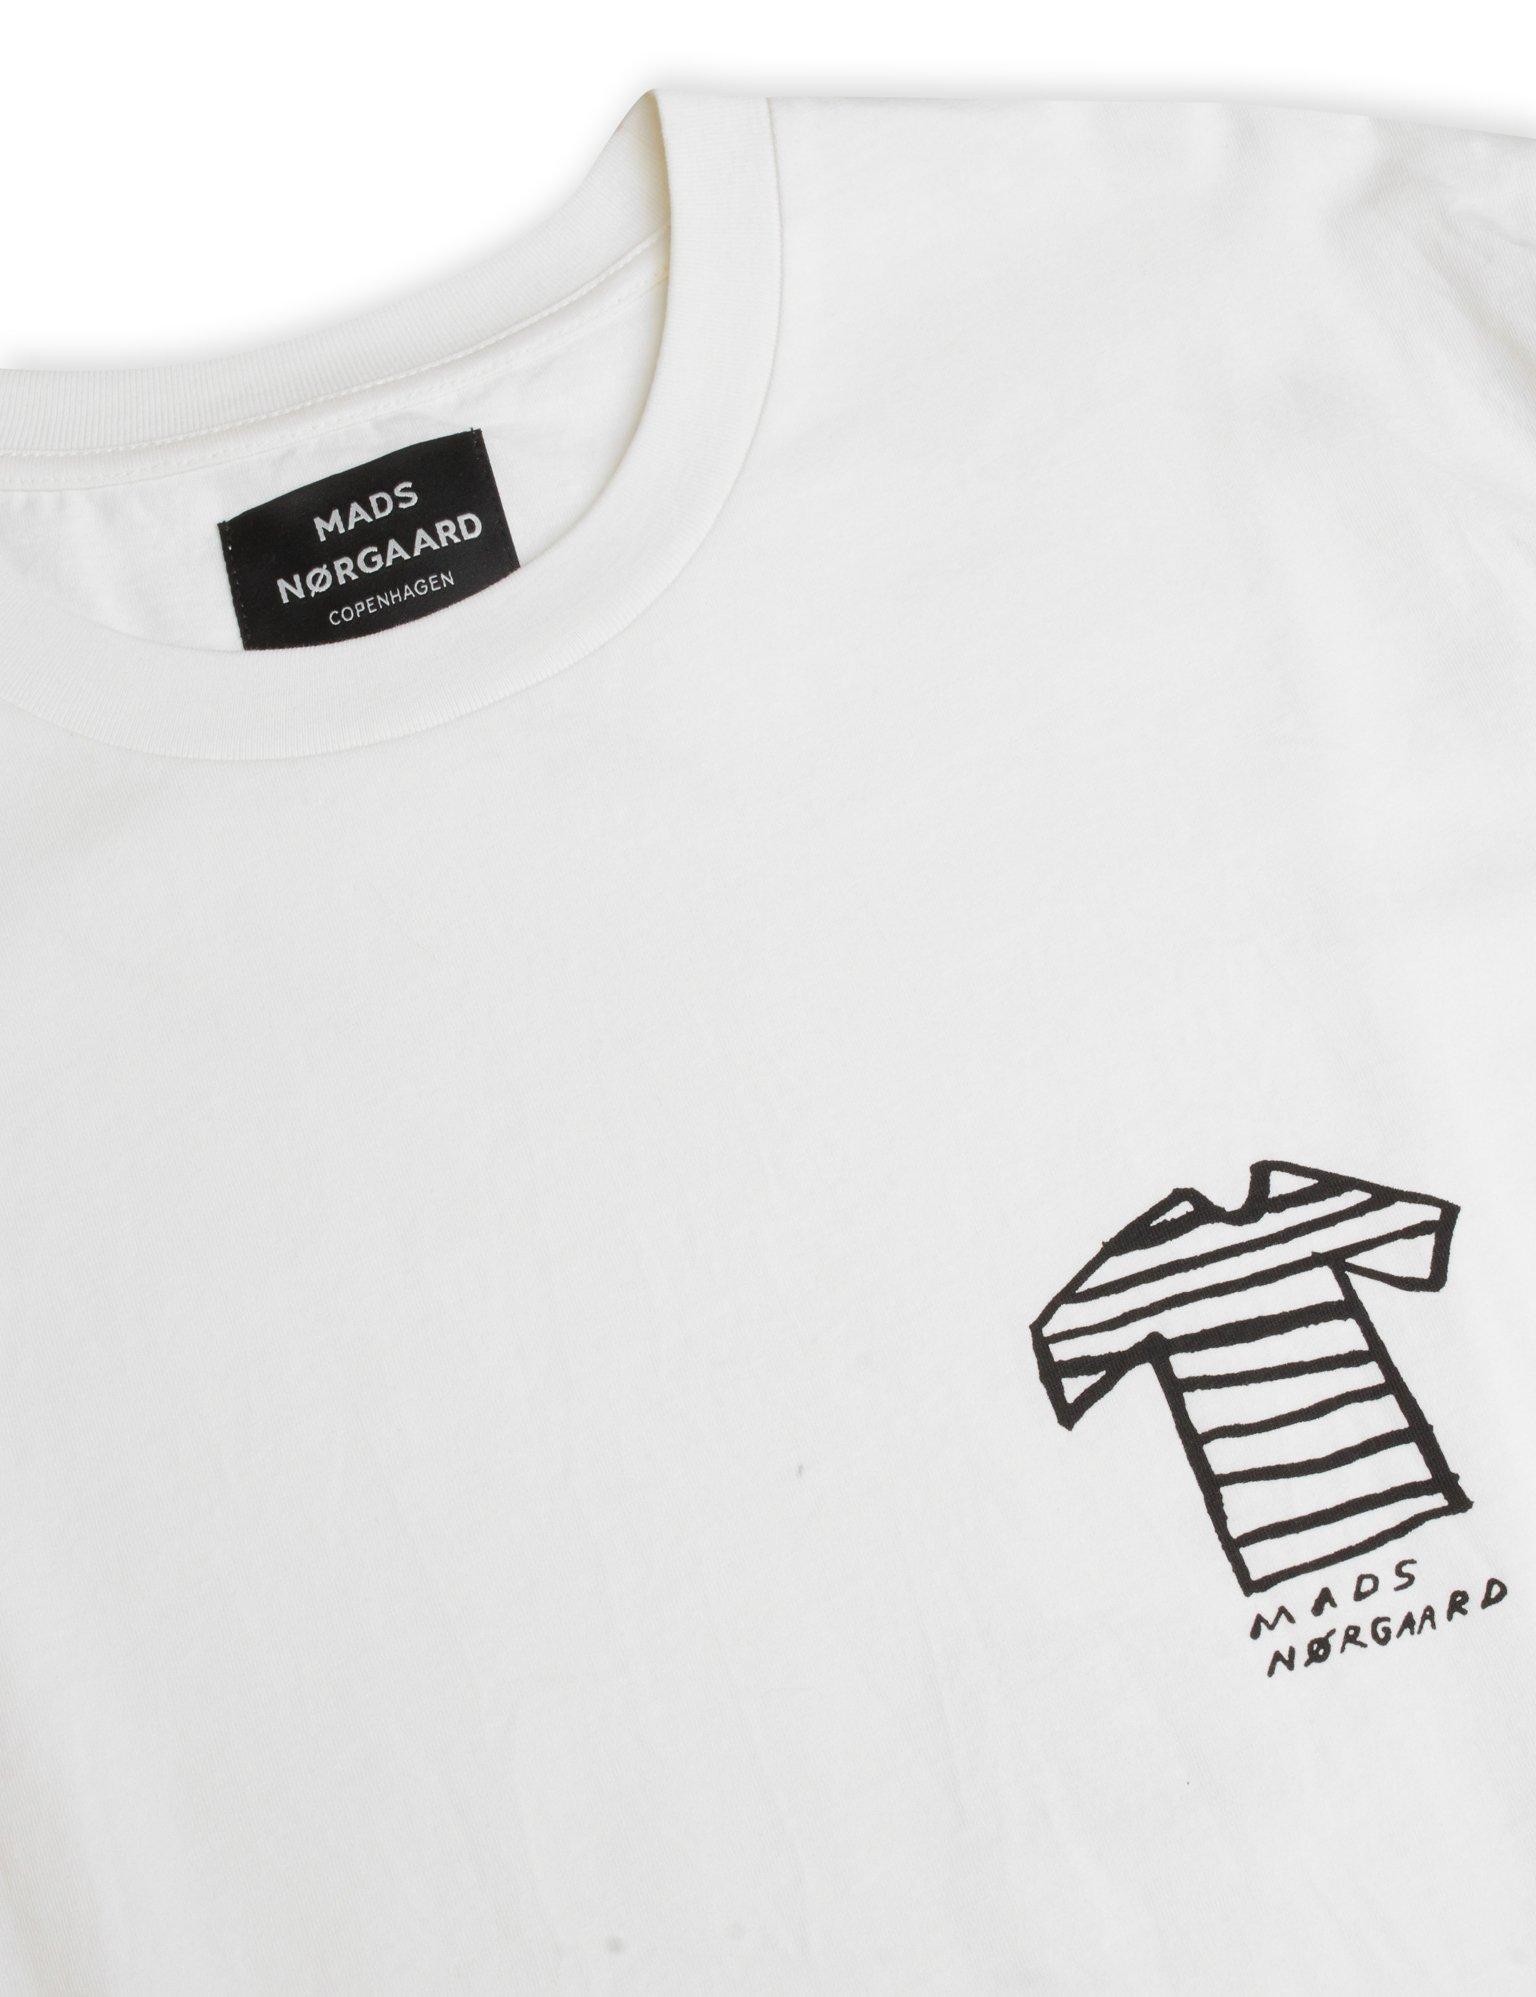 Mads Nørgaard Organic Twin Kozak t-shirt, marshmallow, medium